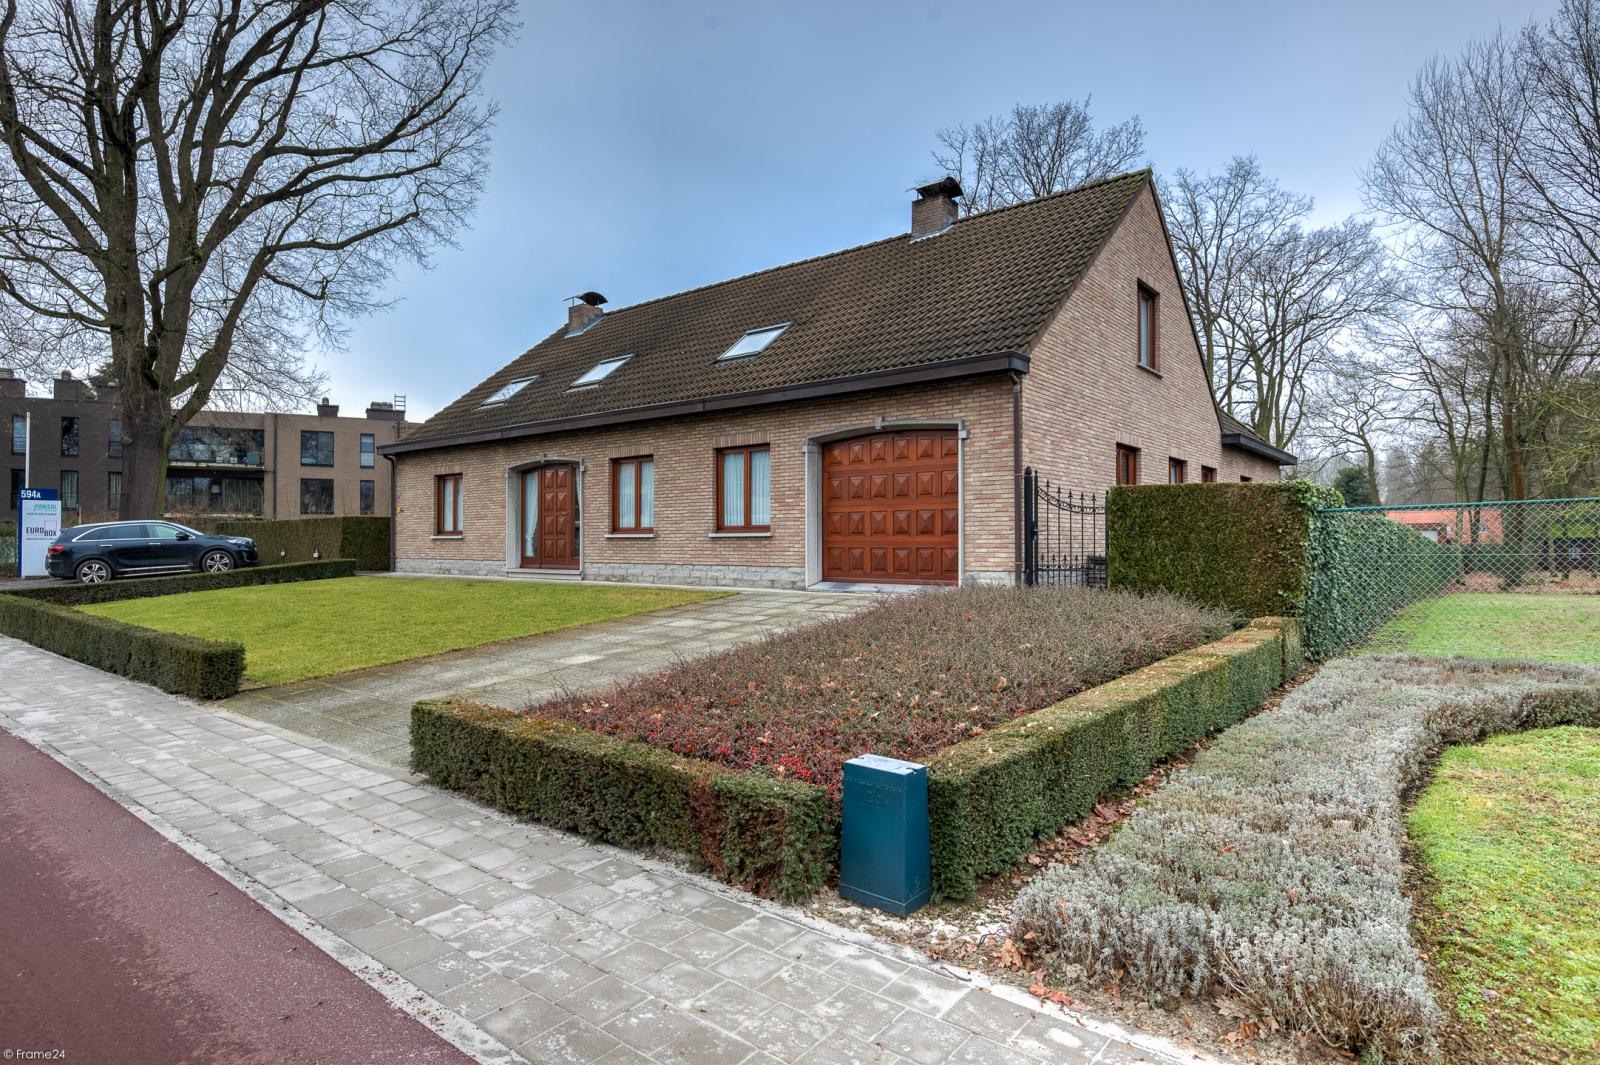 Uitzonderlijk eigendom te Wijnegem met enorme ondergrondse parking op een perceel van 1.417 m²! afbeelding 1